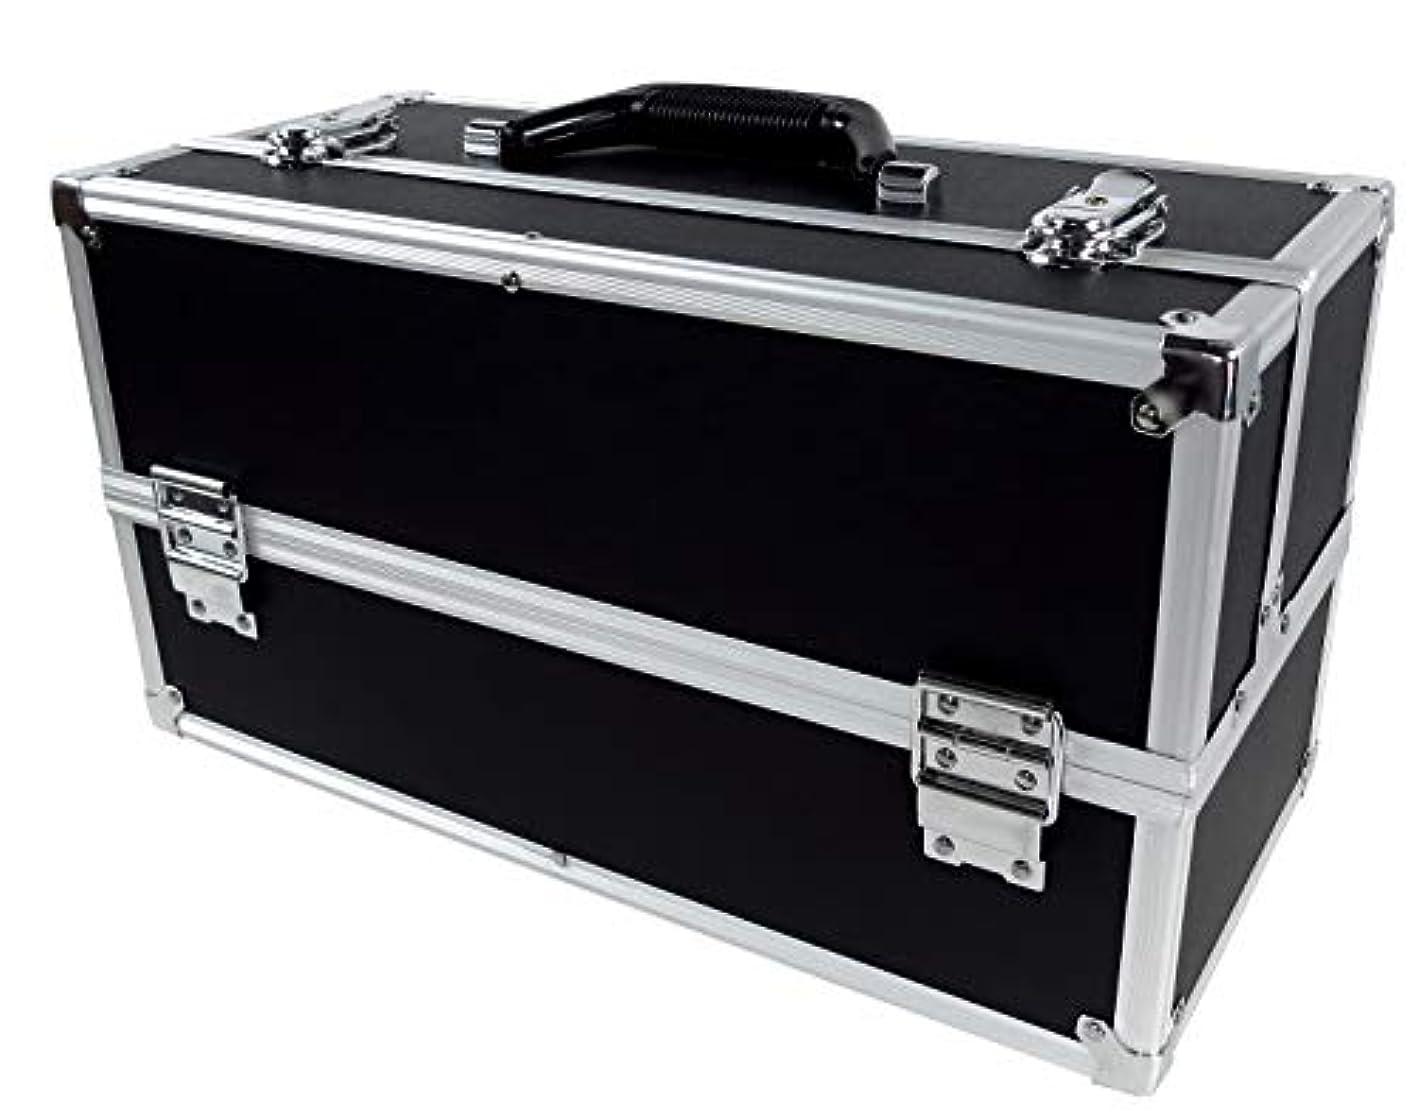 聖歌ロンドンくすぐったいリライアブル コスメボックス ワイド RB201-BK 鍵付き プロ仕様 メイクボックス 大容量 化粧品収納 小物入れ 6段トレー ベロア メイクケース コスメBOX 持ち運び ネイルケース